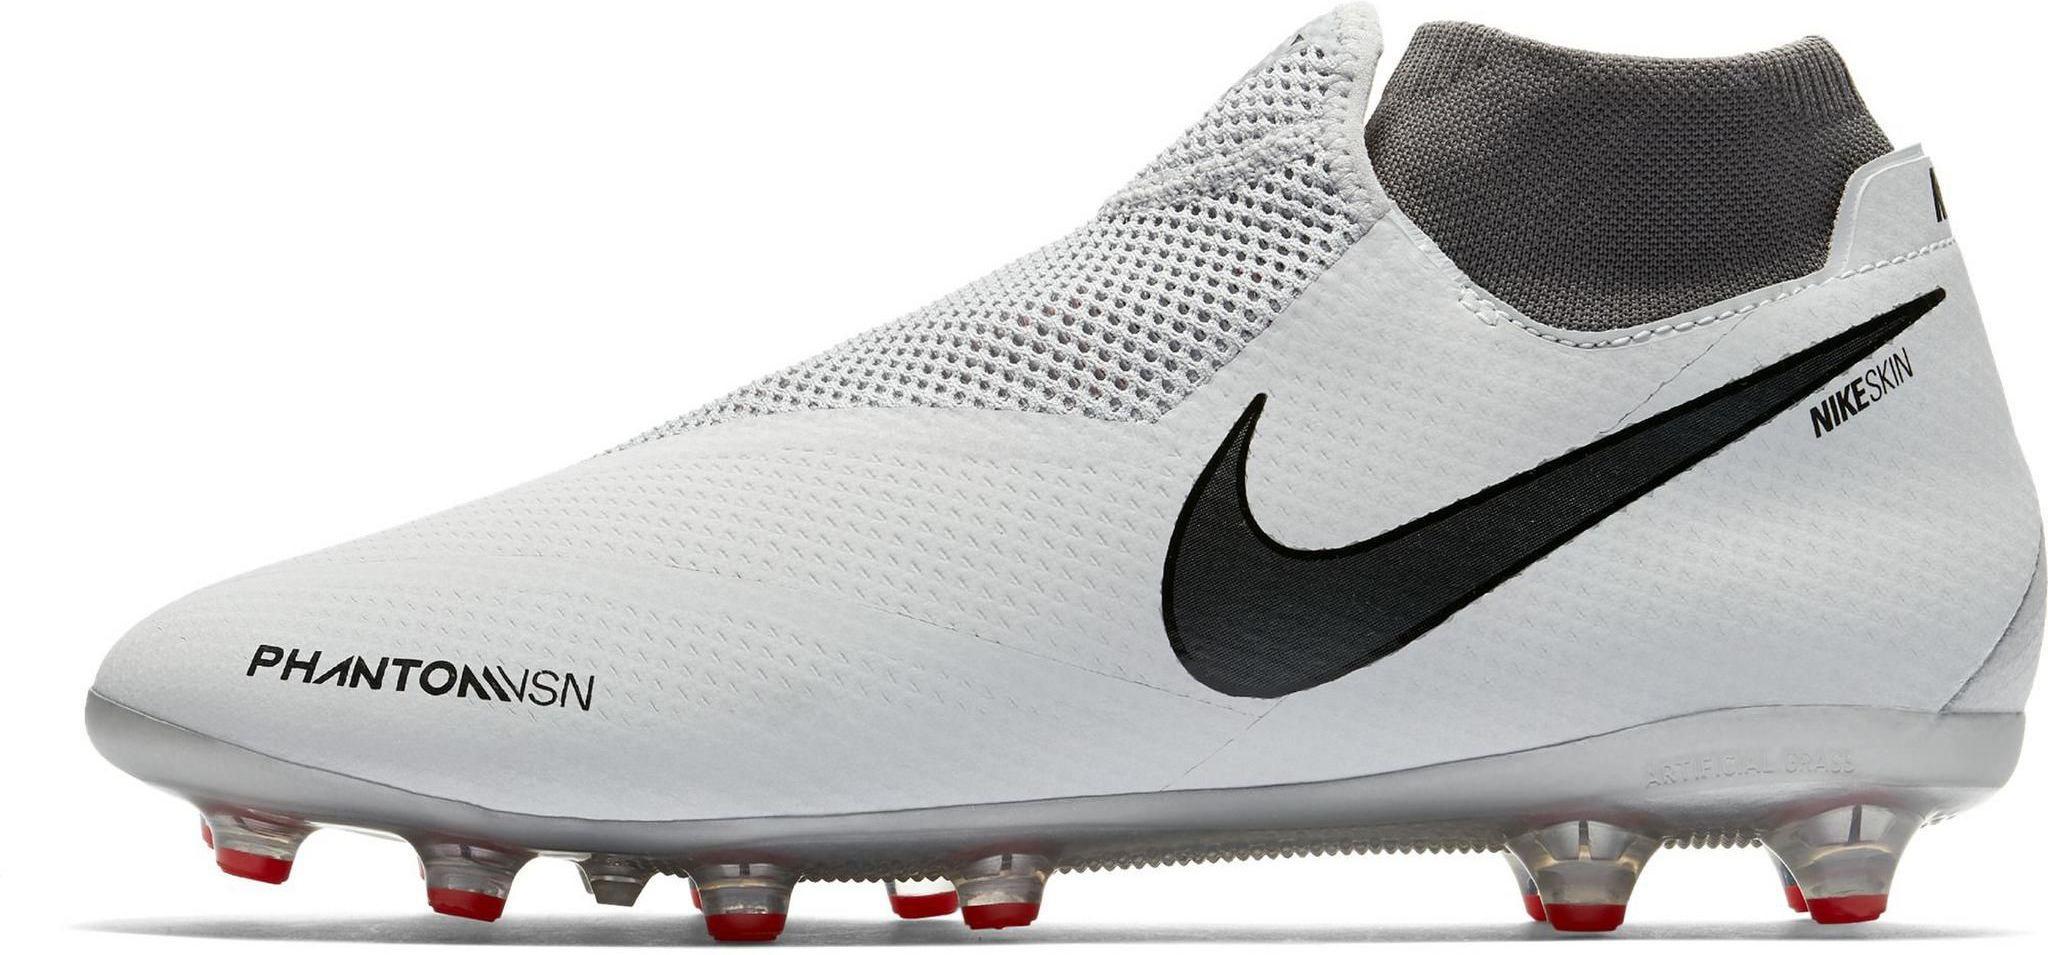 new photos bde95 27350 Best pris på Nike Phantom Vision Pro Dynamic Fit AG-Pro - Se priser før  kjøp i Prisguiden